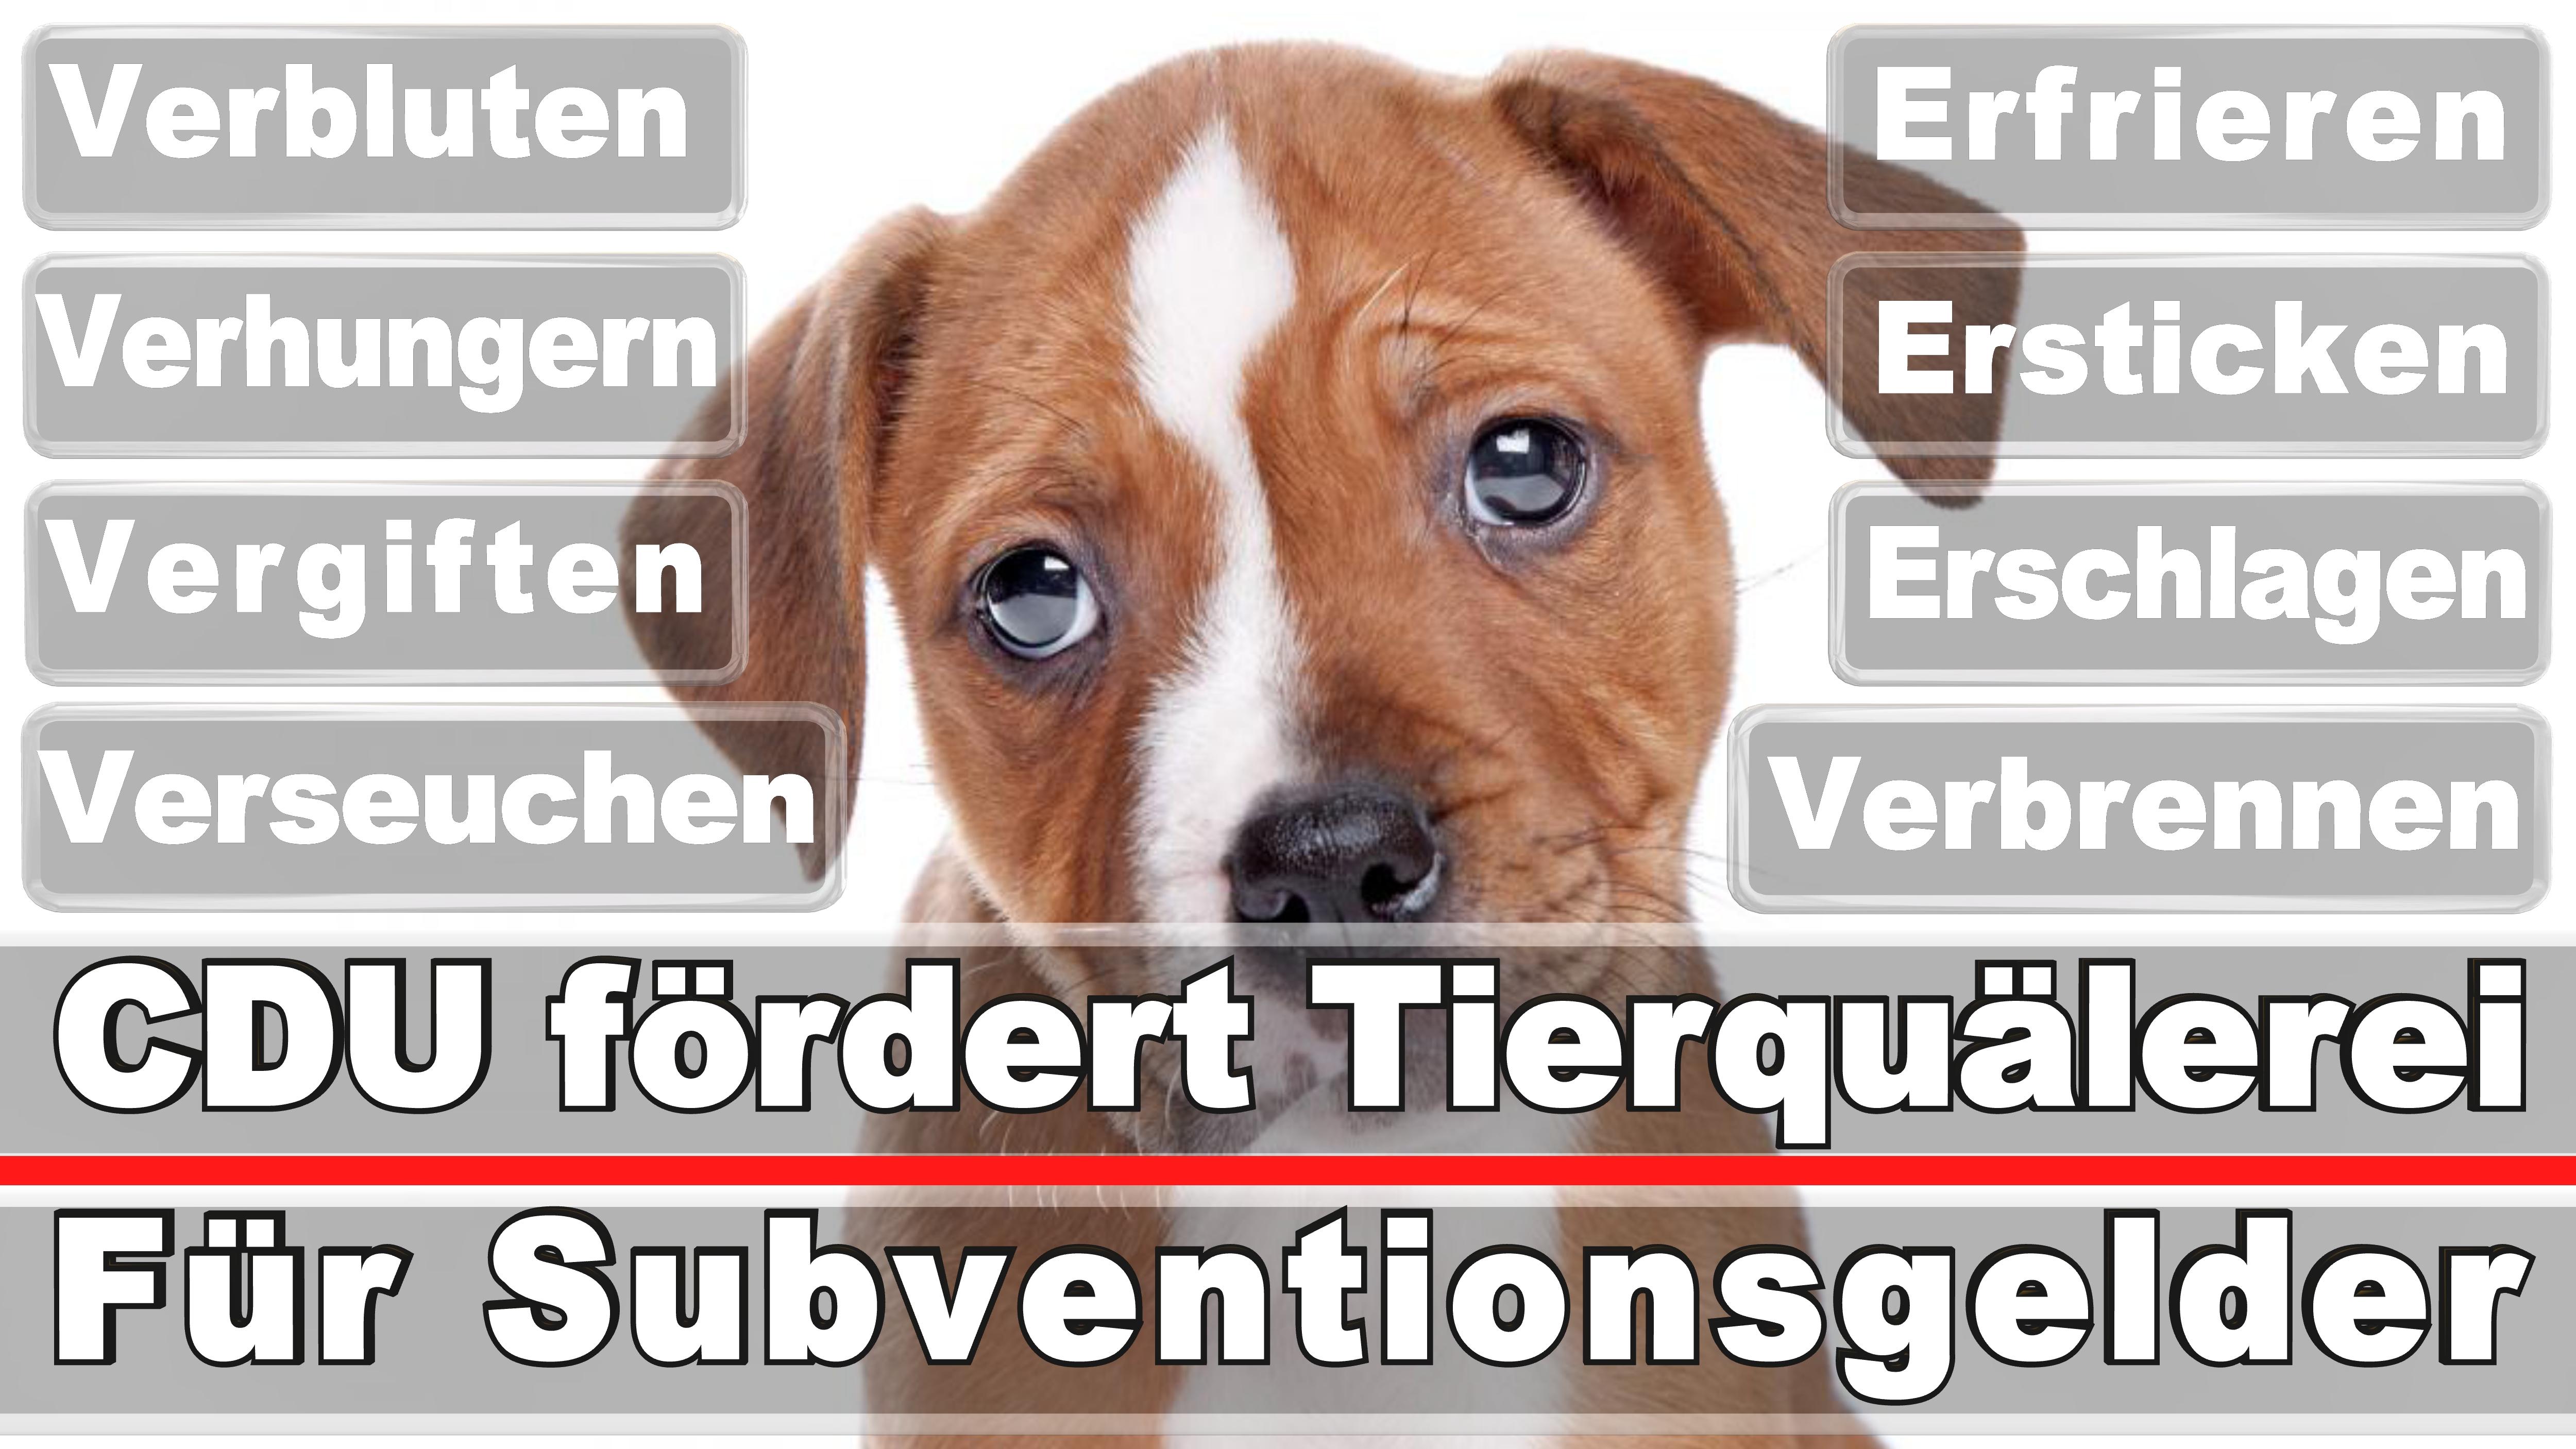 Landtagswahl-Bundestagswahl-CDU-SPD-FDP-AFD-Linke-Piraten (14)